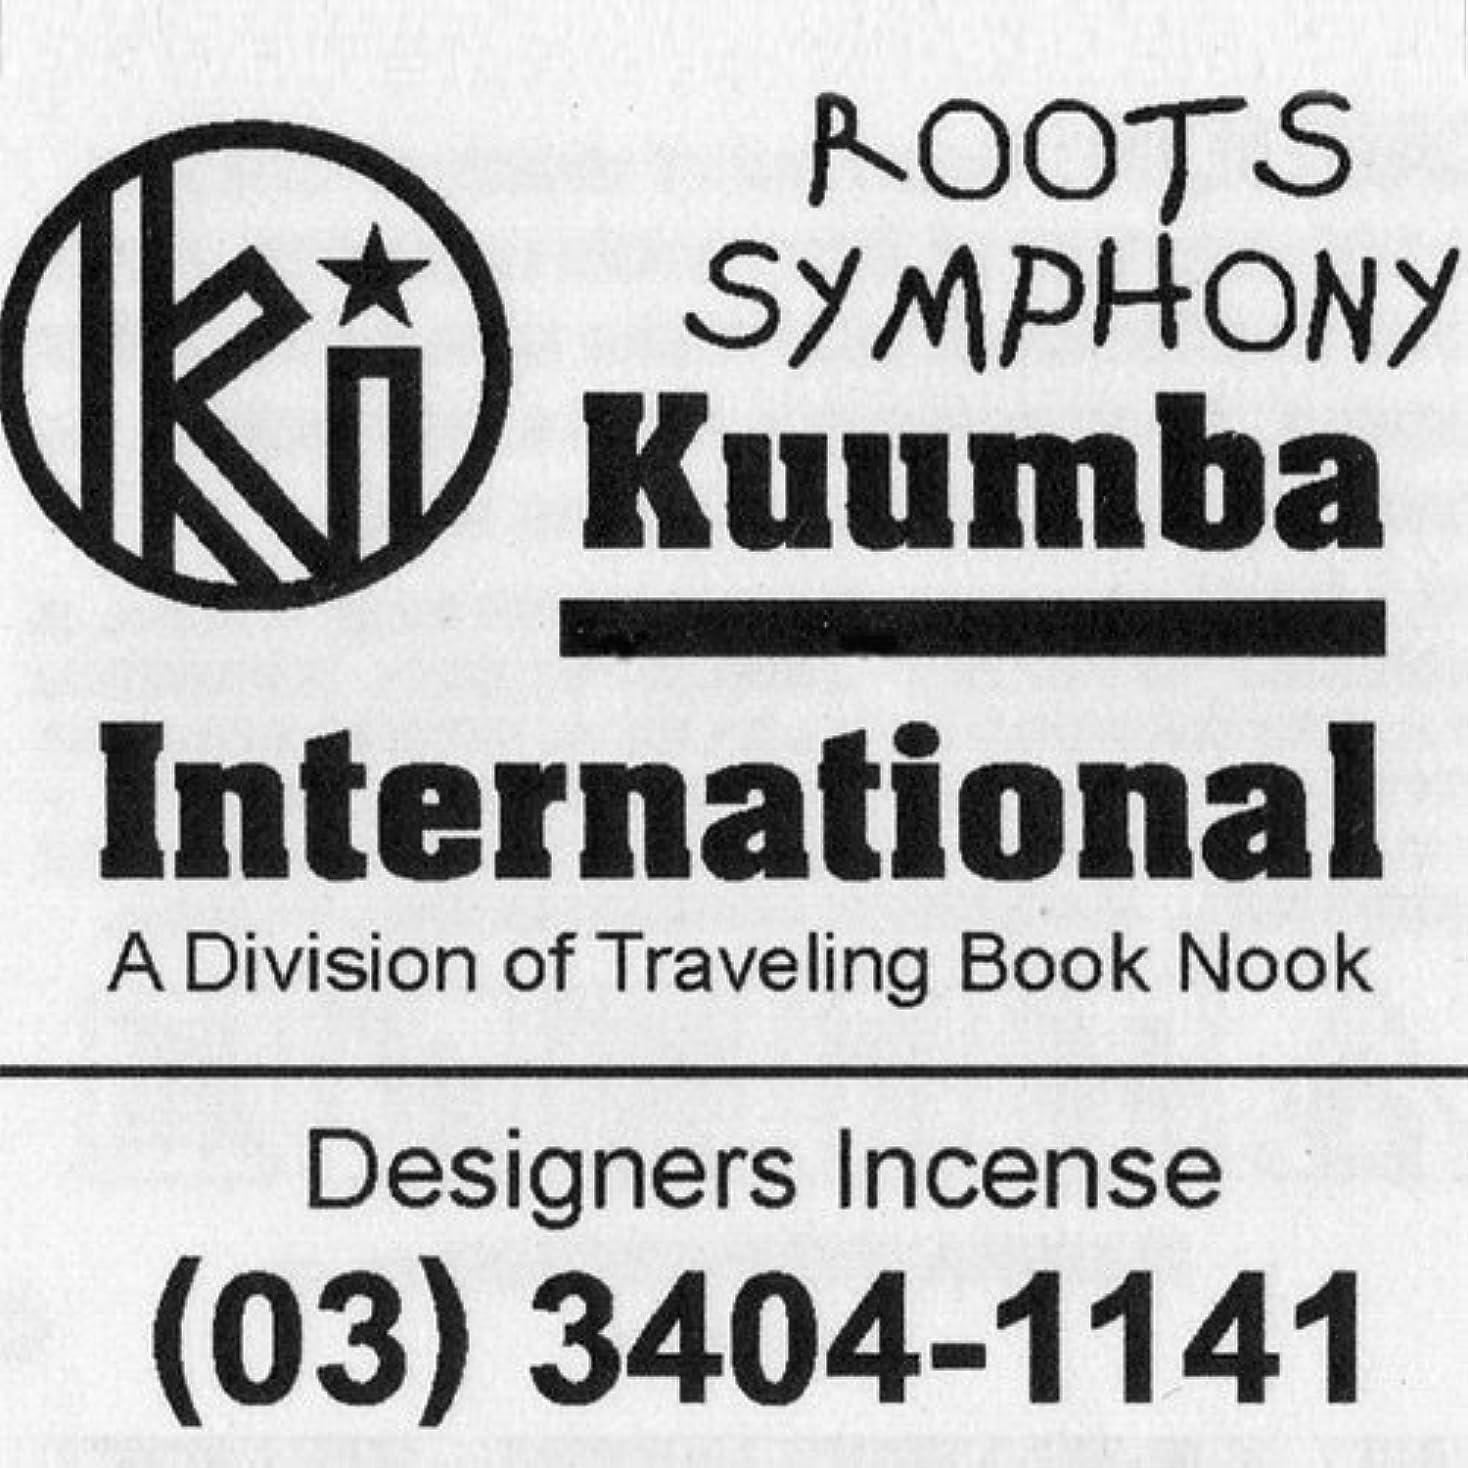 マイクロシンク忠誠KUUMBA / クンバ『incense』(ROOTS SYMPHONY) (Regular size)